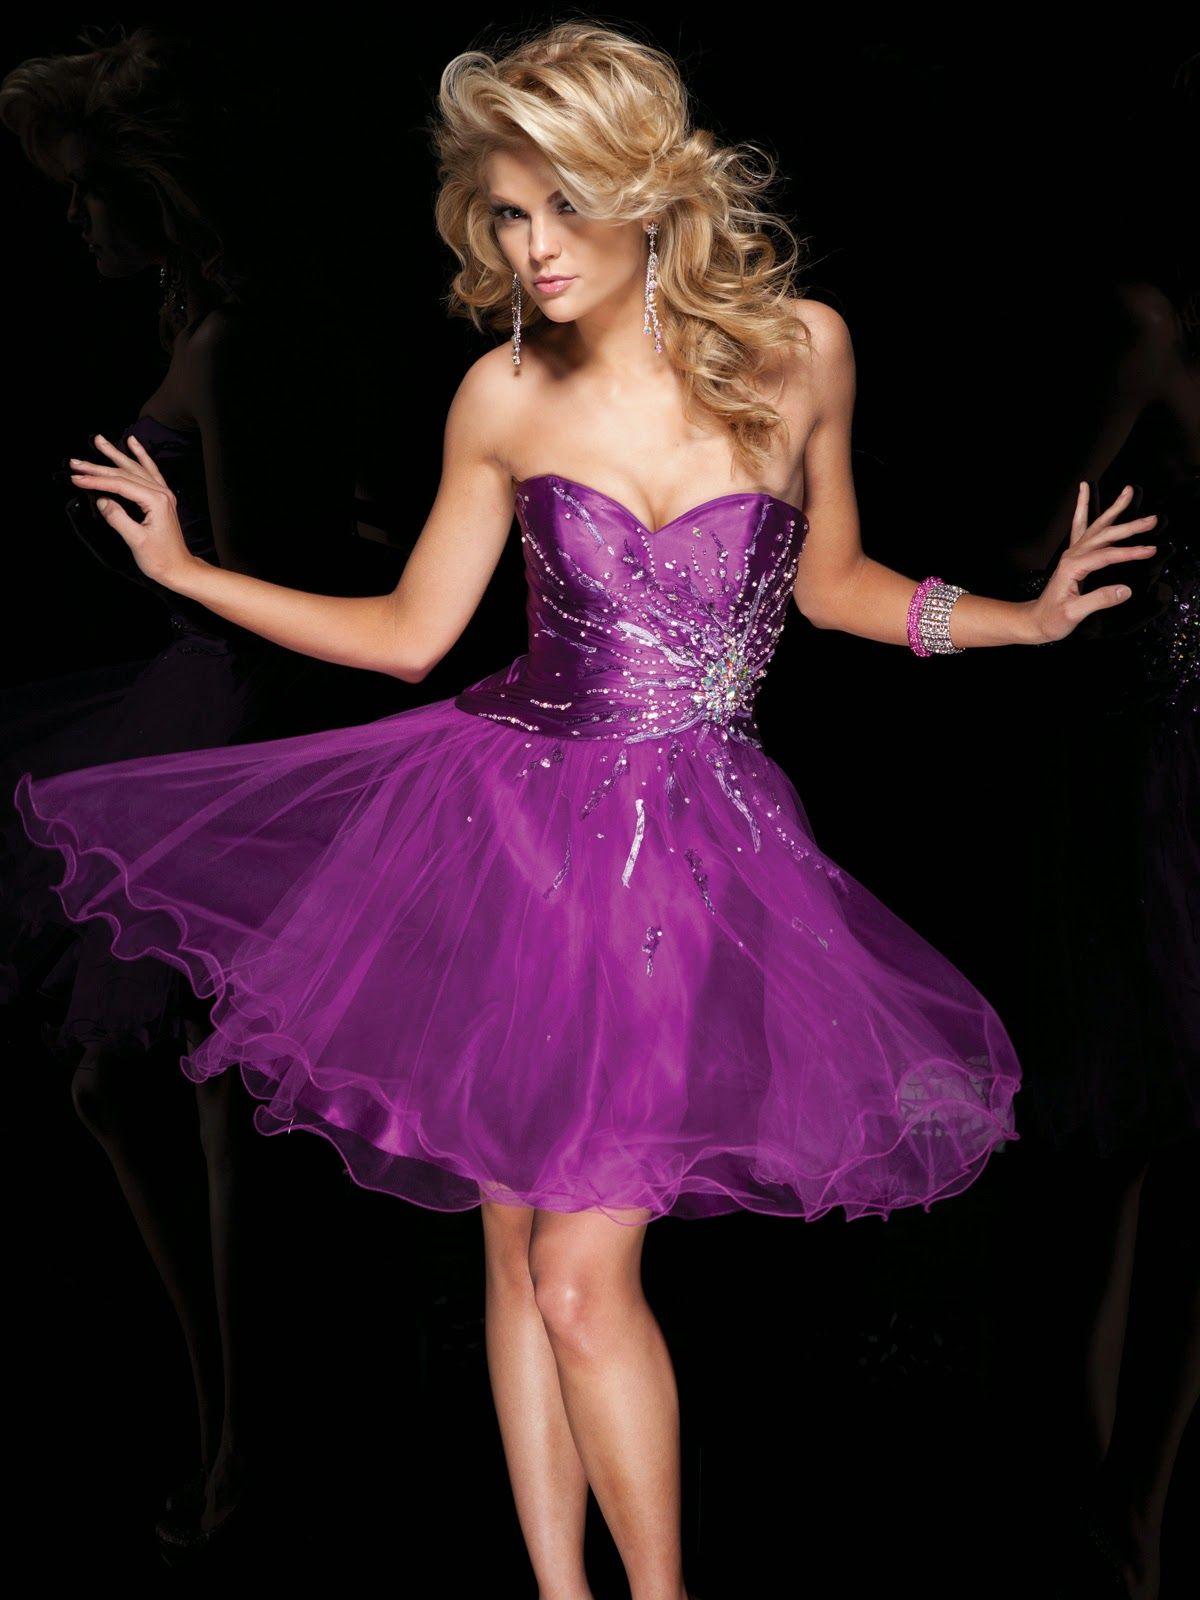 Increibles vestidos de fiesta baratos | Tendencias | vestidos cortos ...